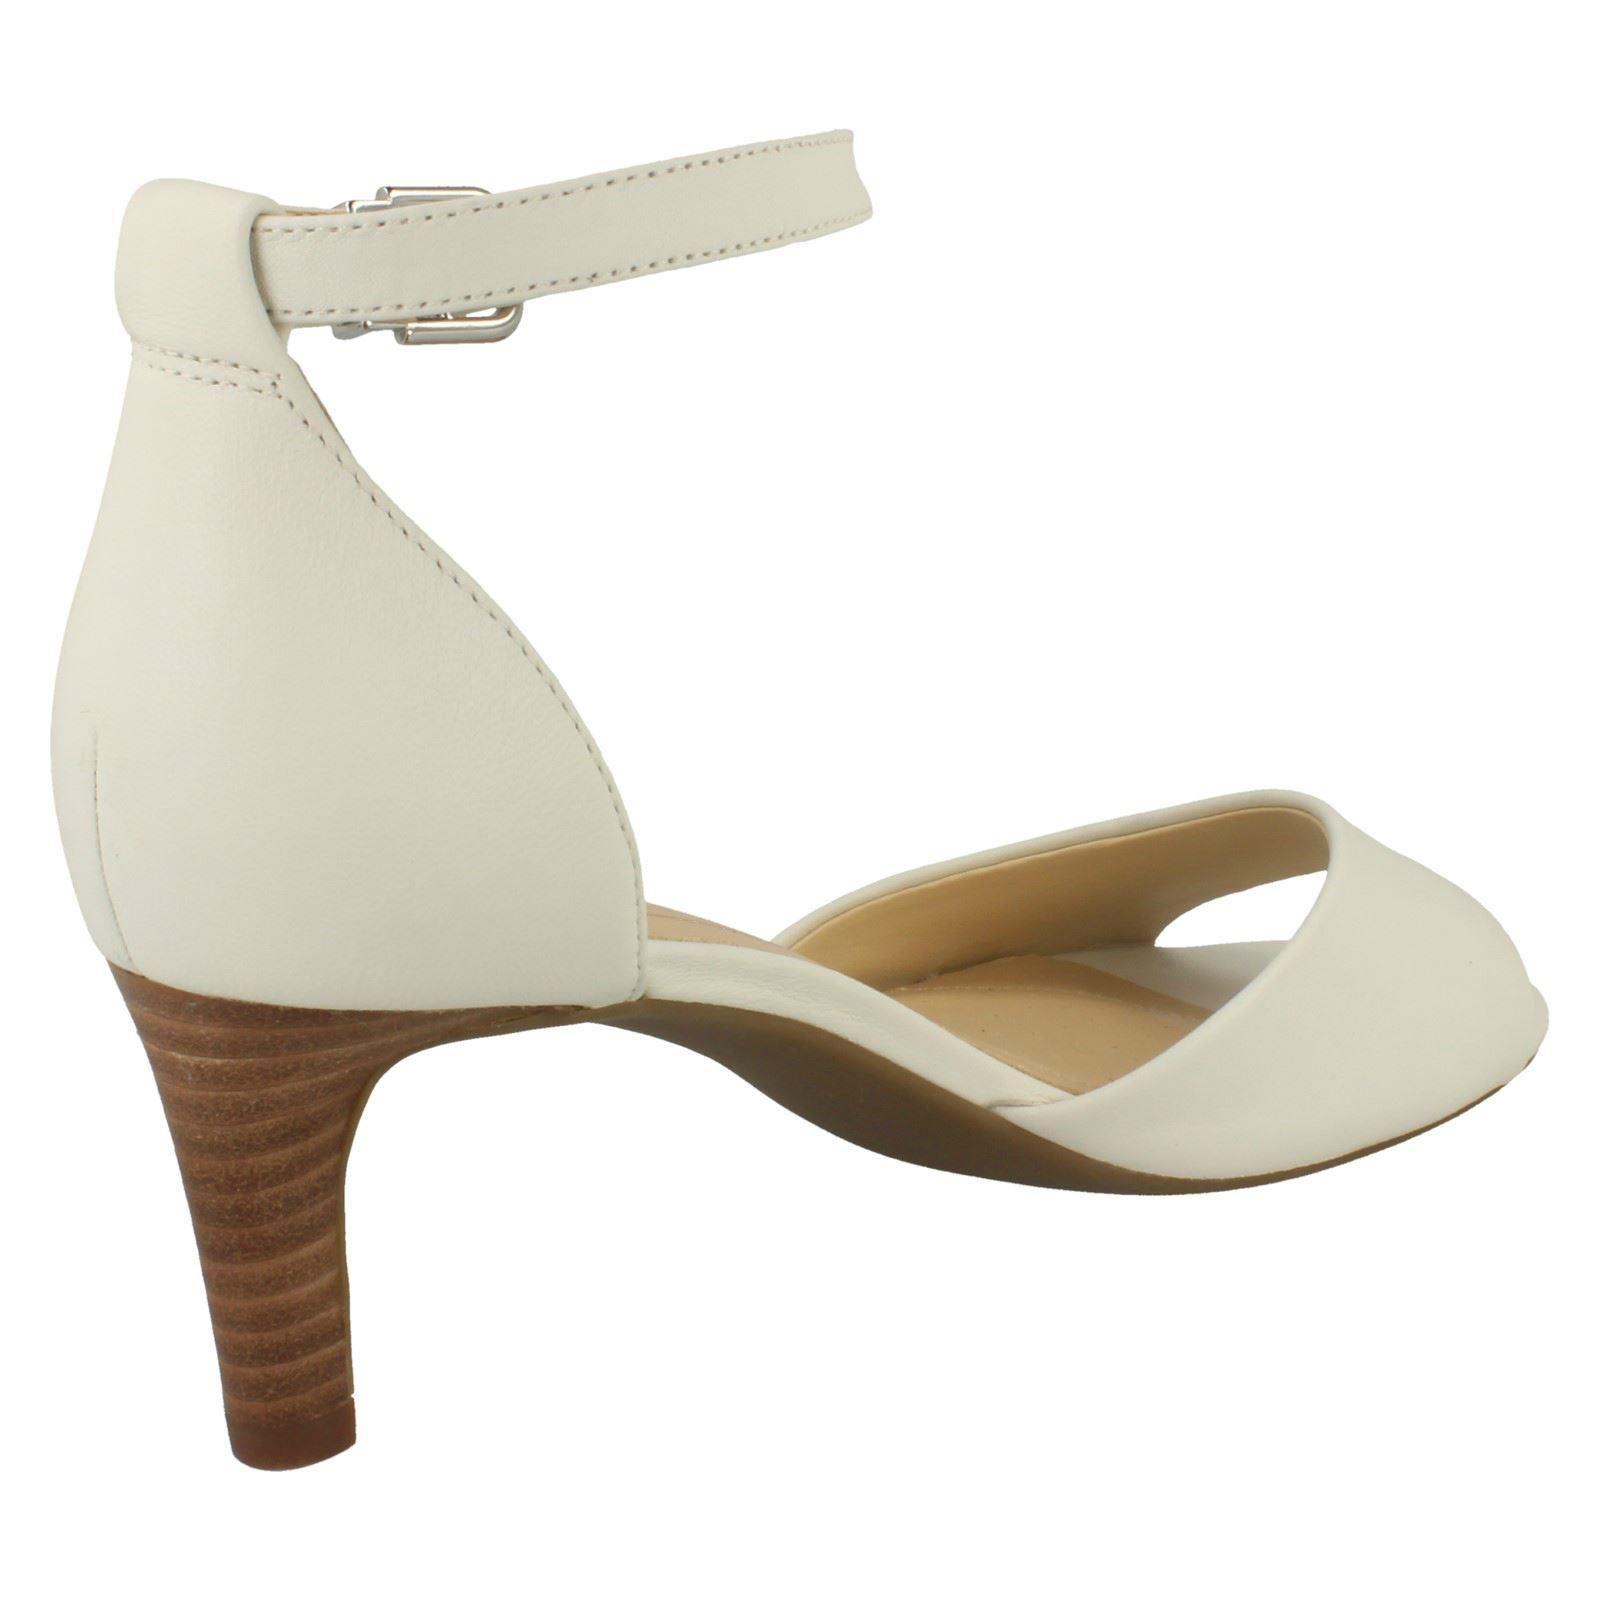 Sandali Donna Clarks Eleganti Sandali con tacco-Laureti Grace   attività attività attività di esportazione in linea    Uomini/Donna Scarpa  acc786